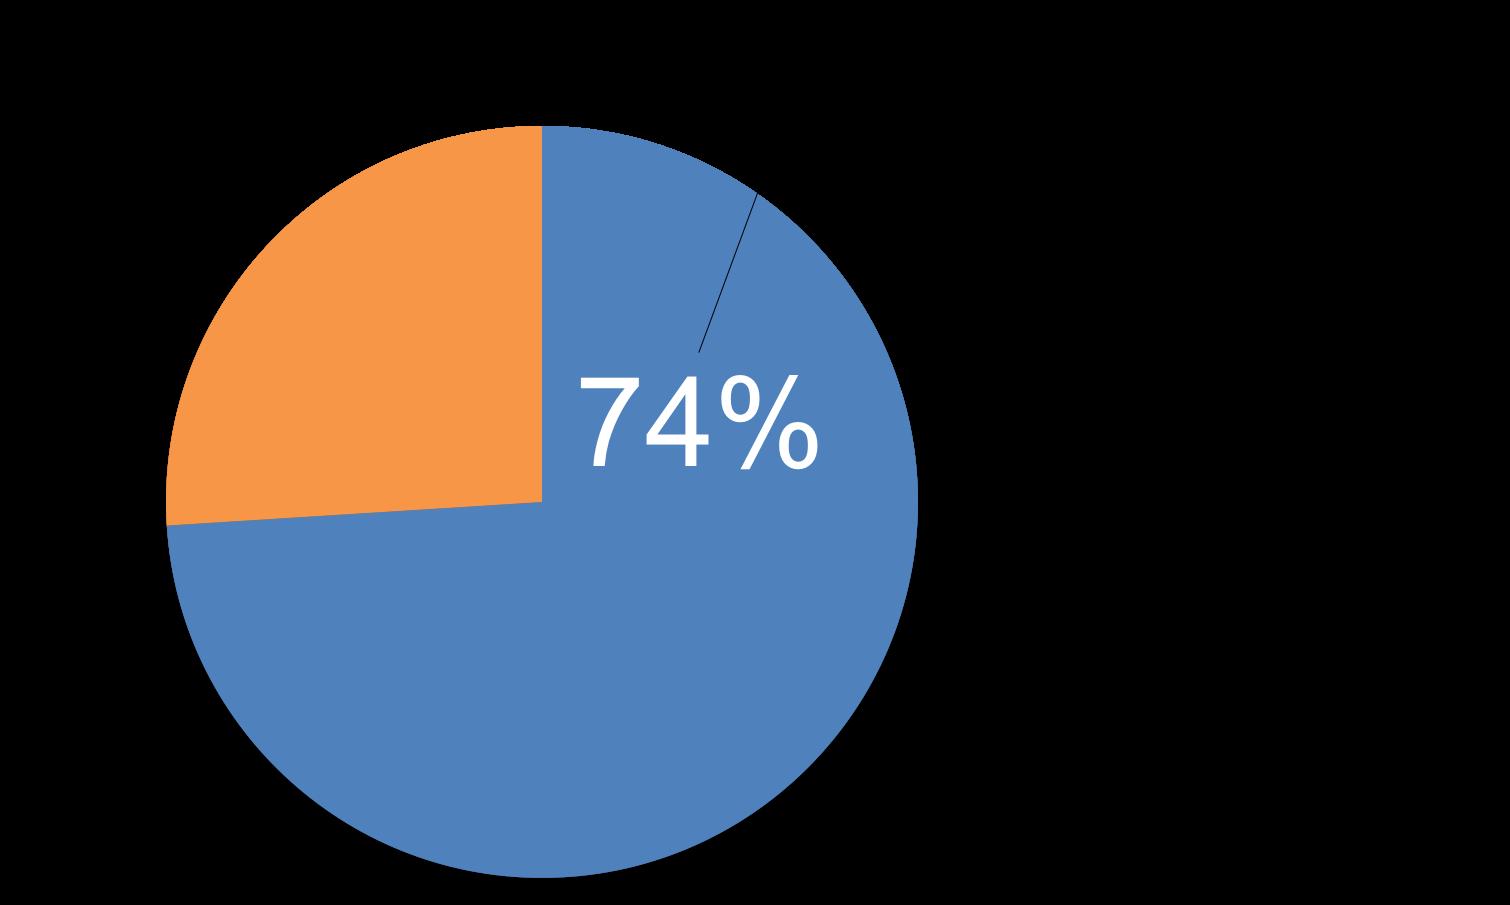 El motivo en un gráfico por el que las empresas no alcanzan sus metas de ingresos